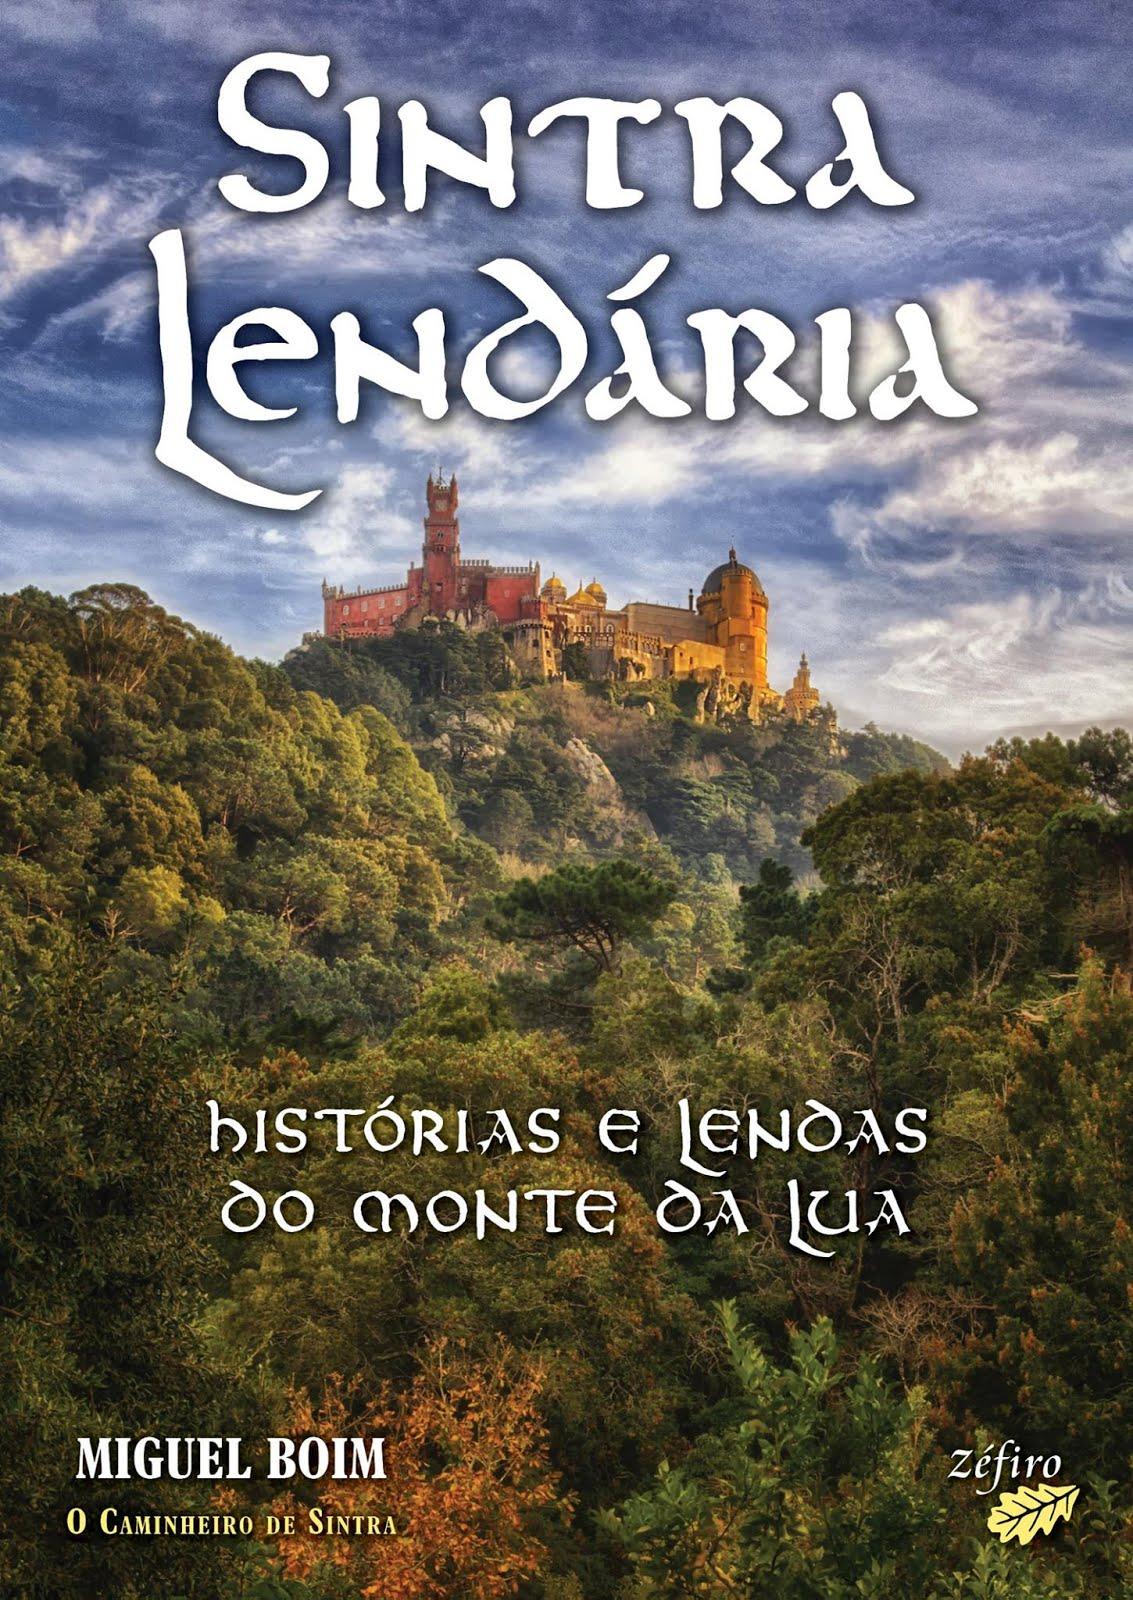 Sintra Lendária - Histórias do Monte da Lua - Miguel Boim